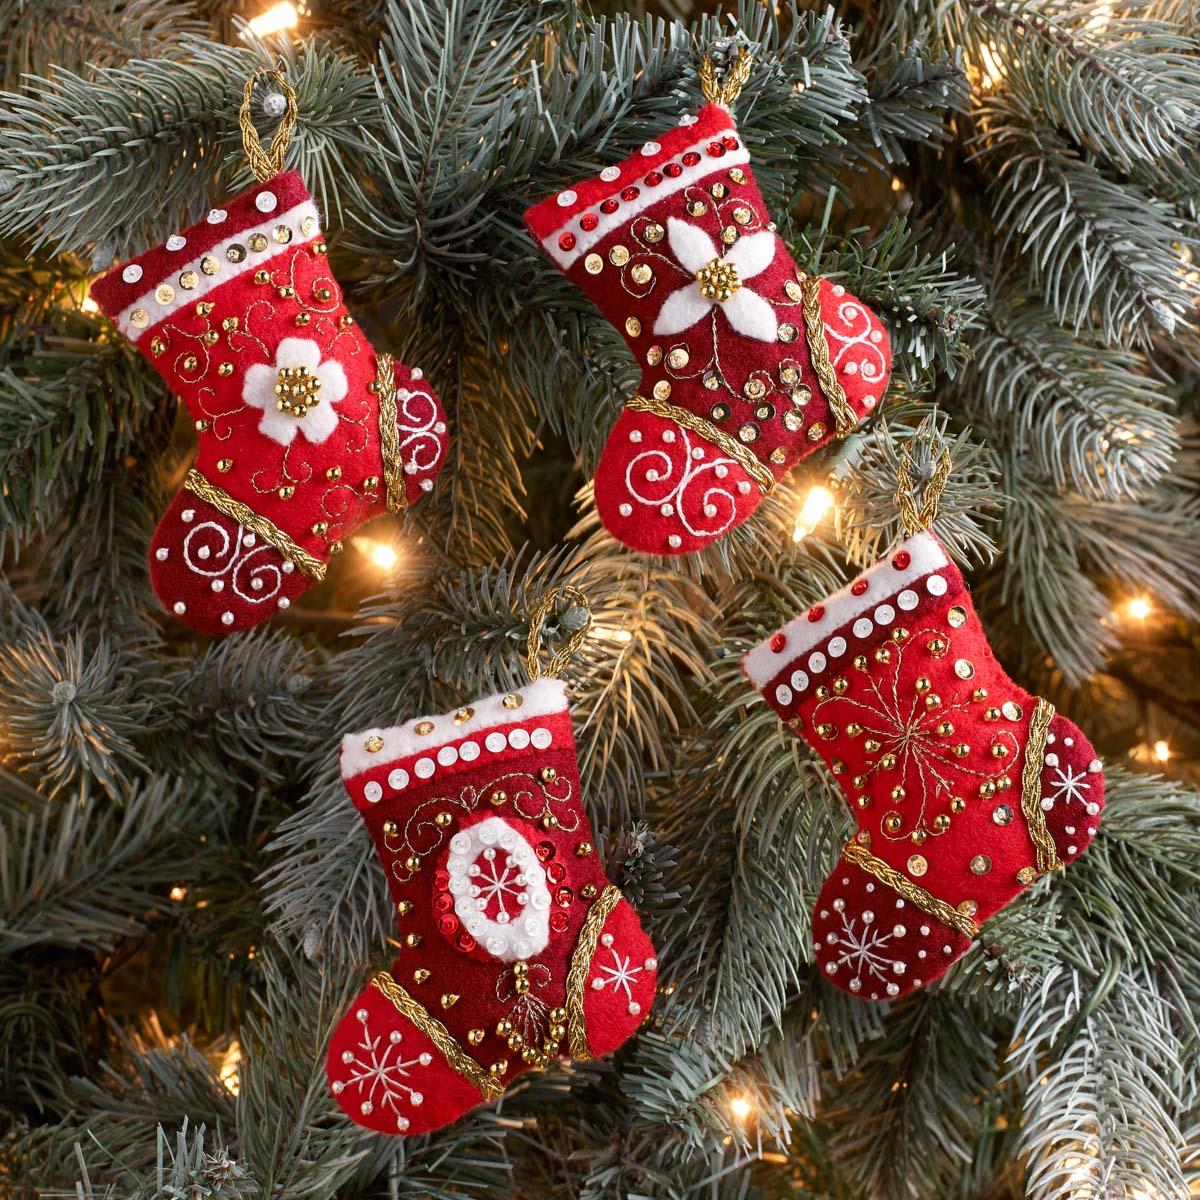 Bucilla ® Seasonal - Felt - Ornament Kits - Holiday Elegance - 89077E